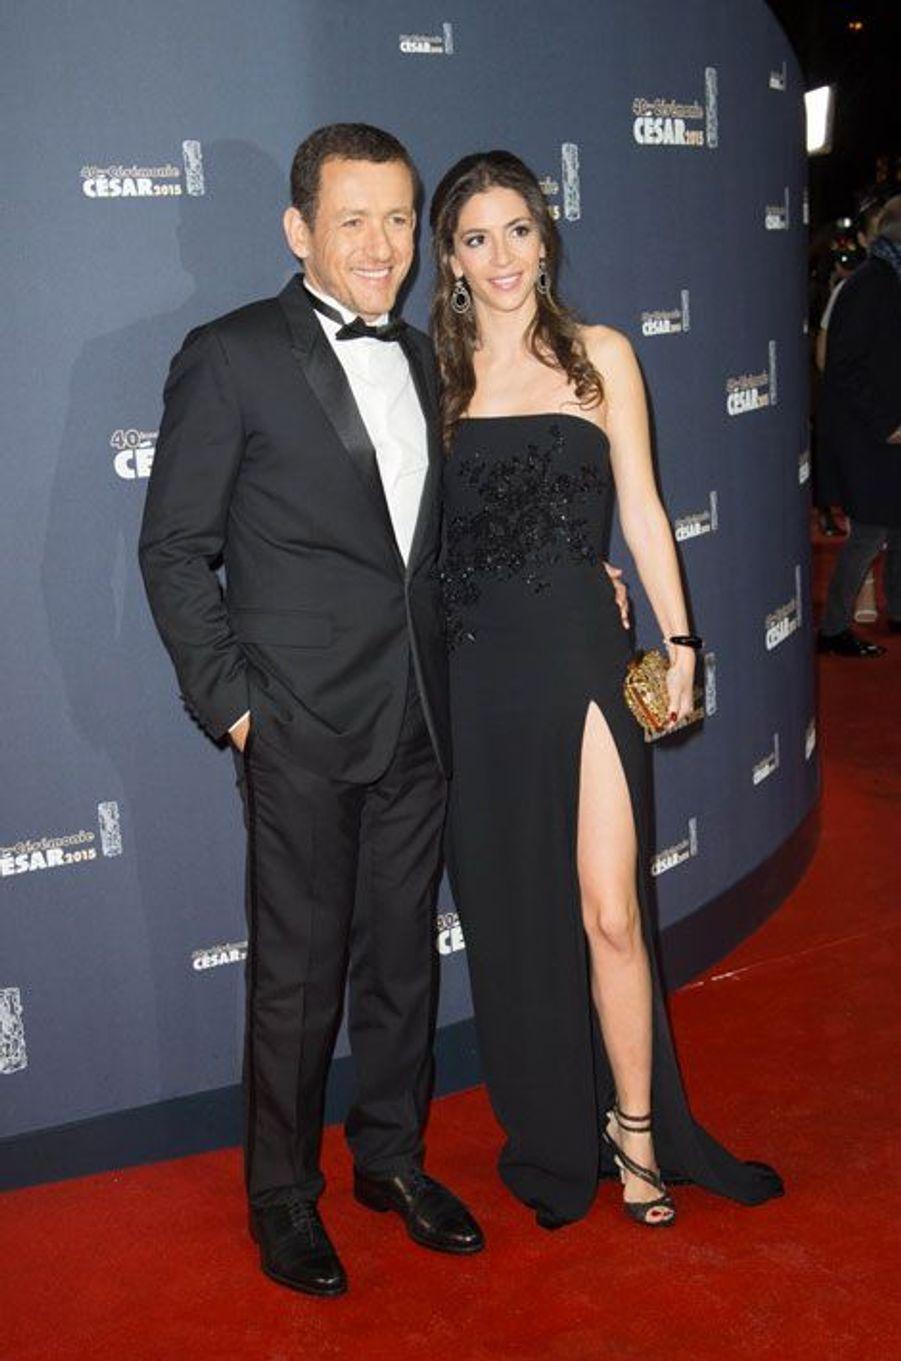 Dany Boon et sa femme lors de la cérémonie des César à Paris, le 20 février 2015